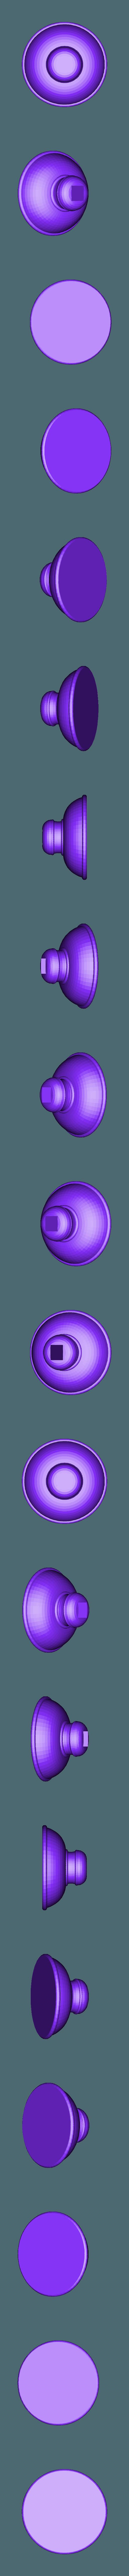 pennon_base-165.stl Télécharger fichier STL gratuit Couloir Seej • Design pour impression 3D, bLiTzJoN